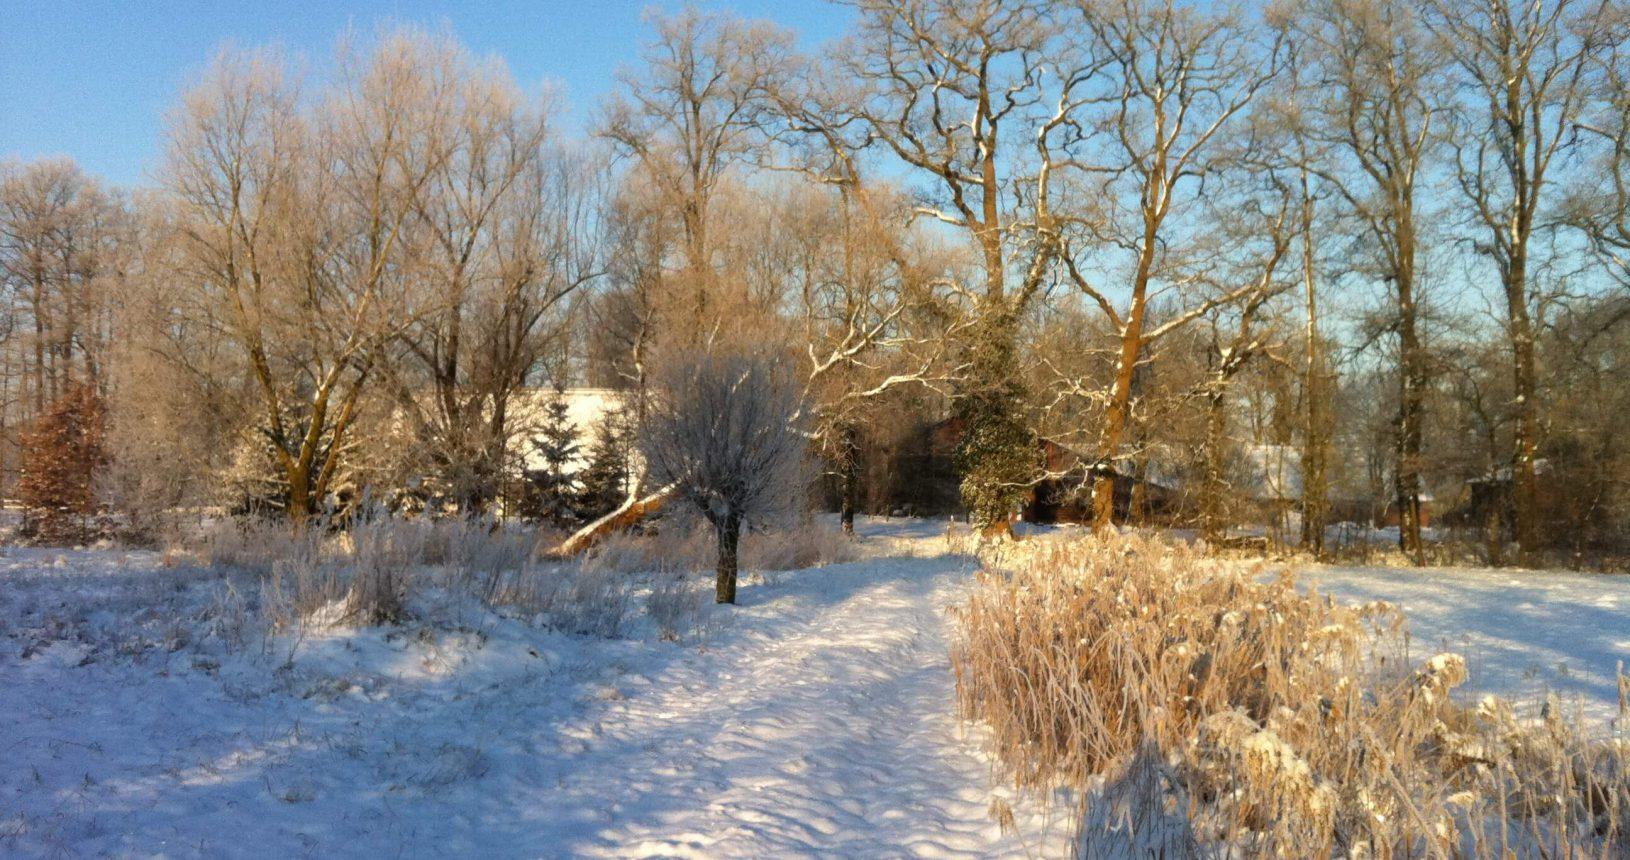 de wolfskamer sneeuw